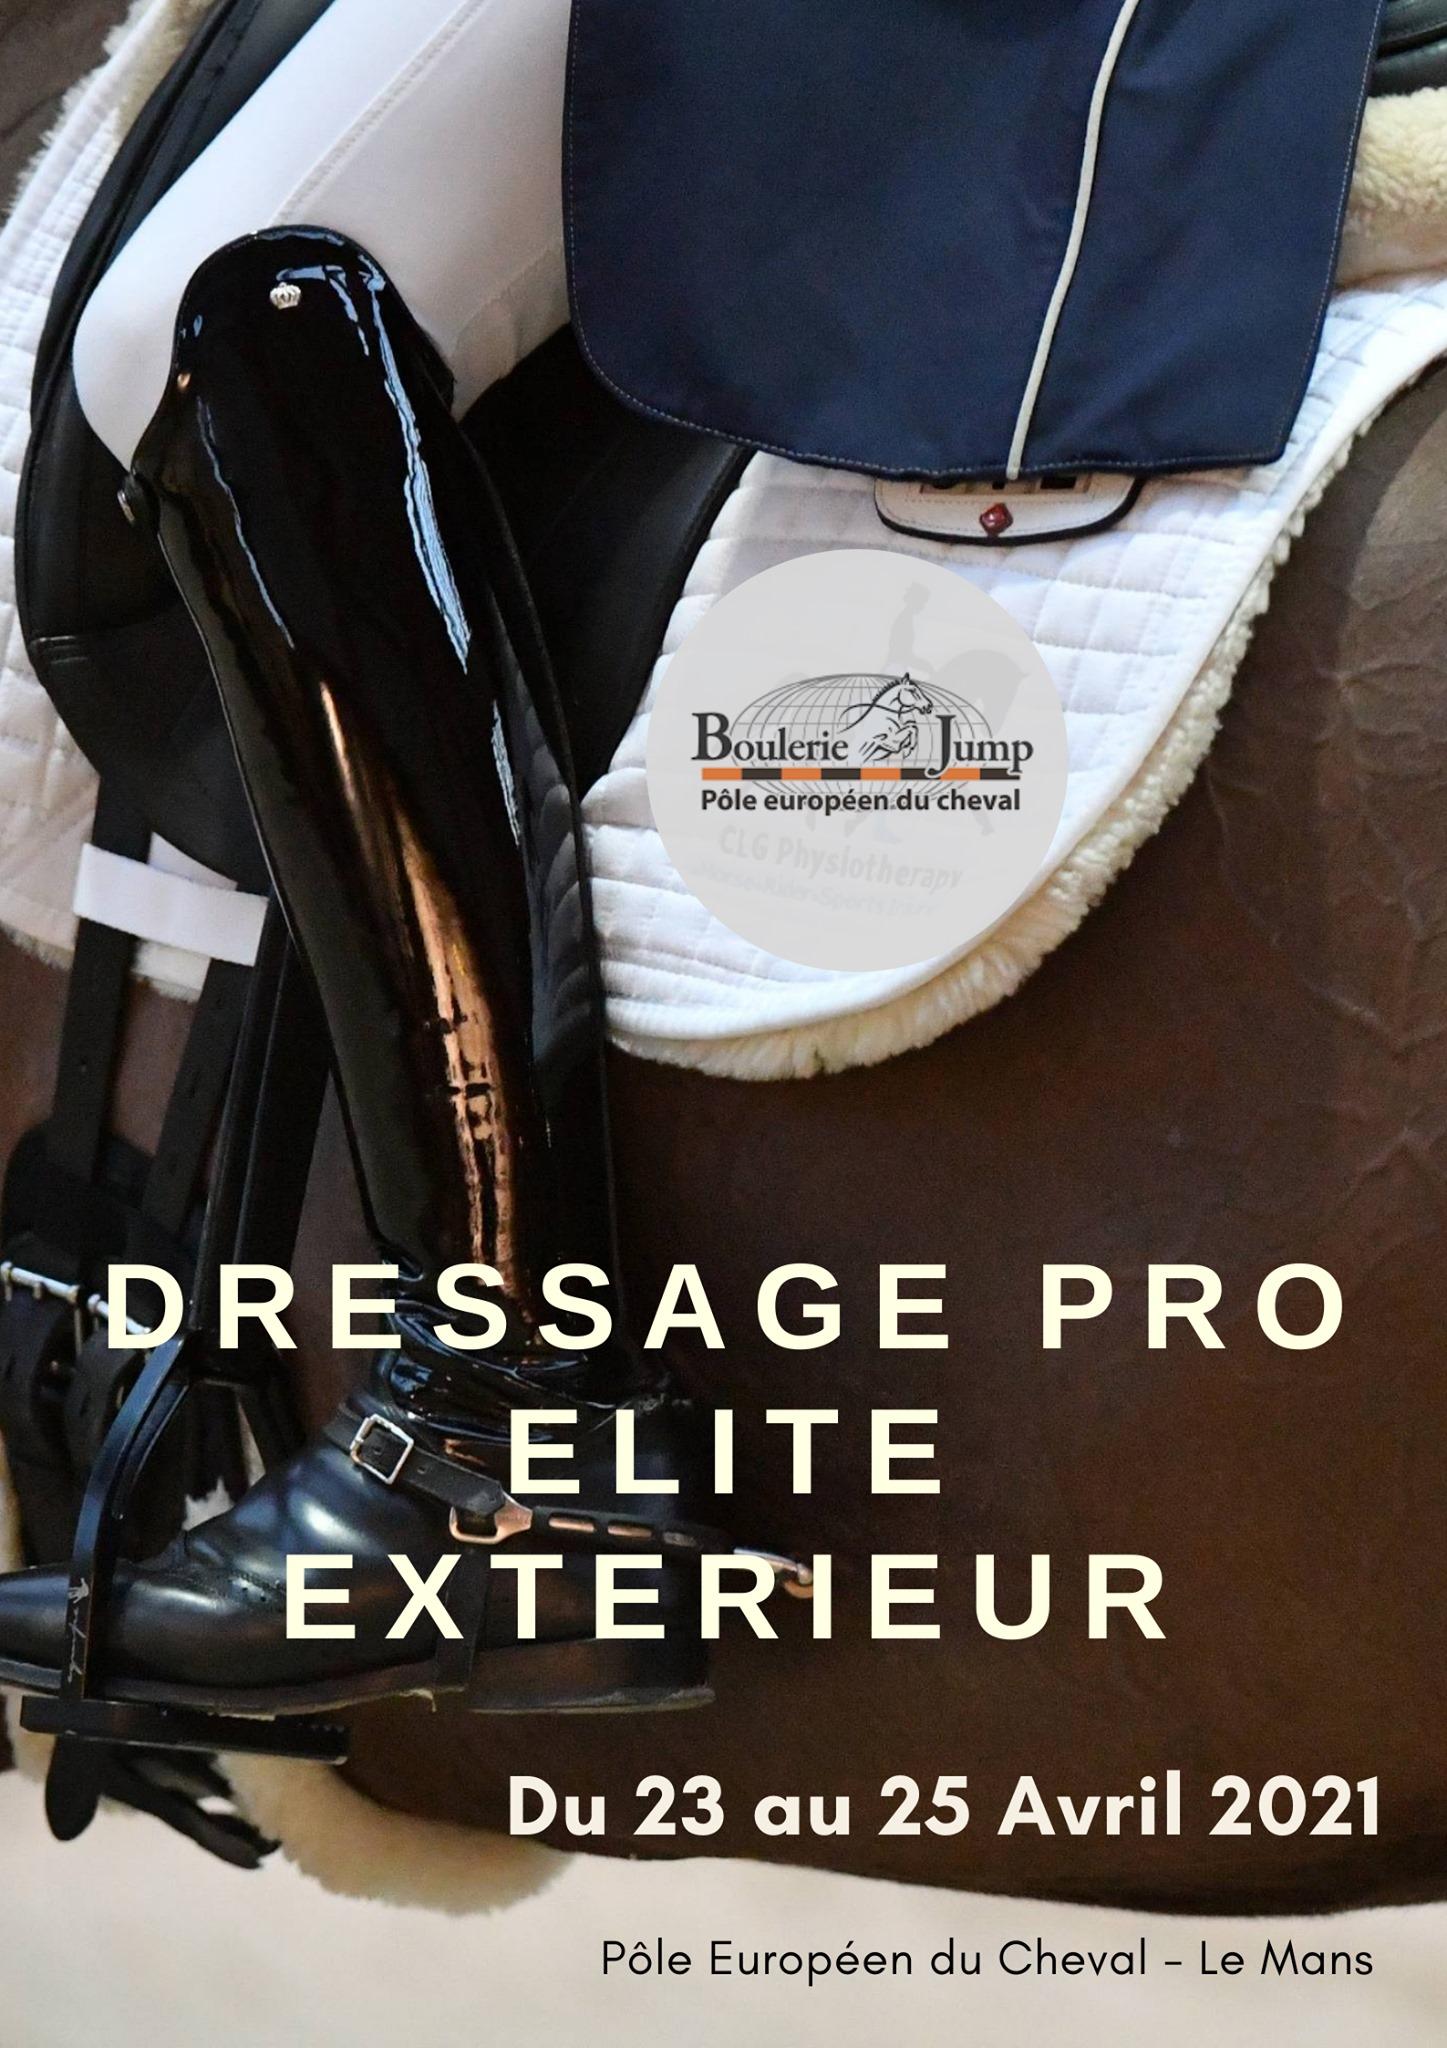 DRESSAGE PRO Elite huis clos - 23 au 25 Avril